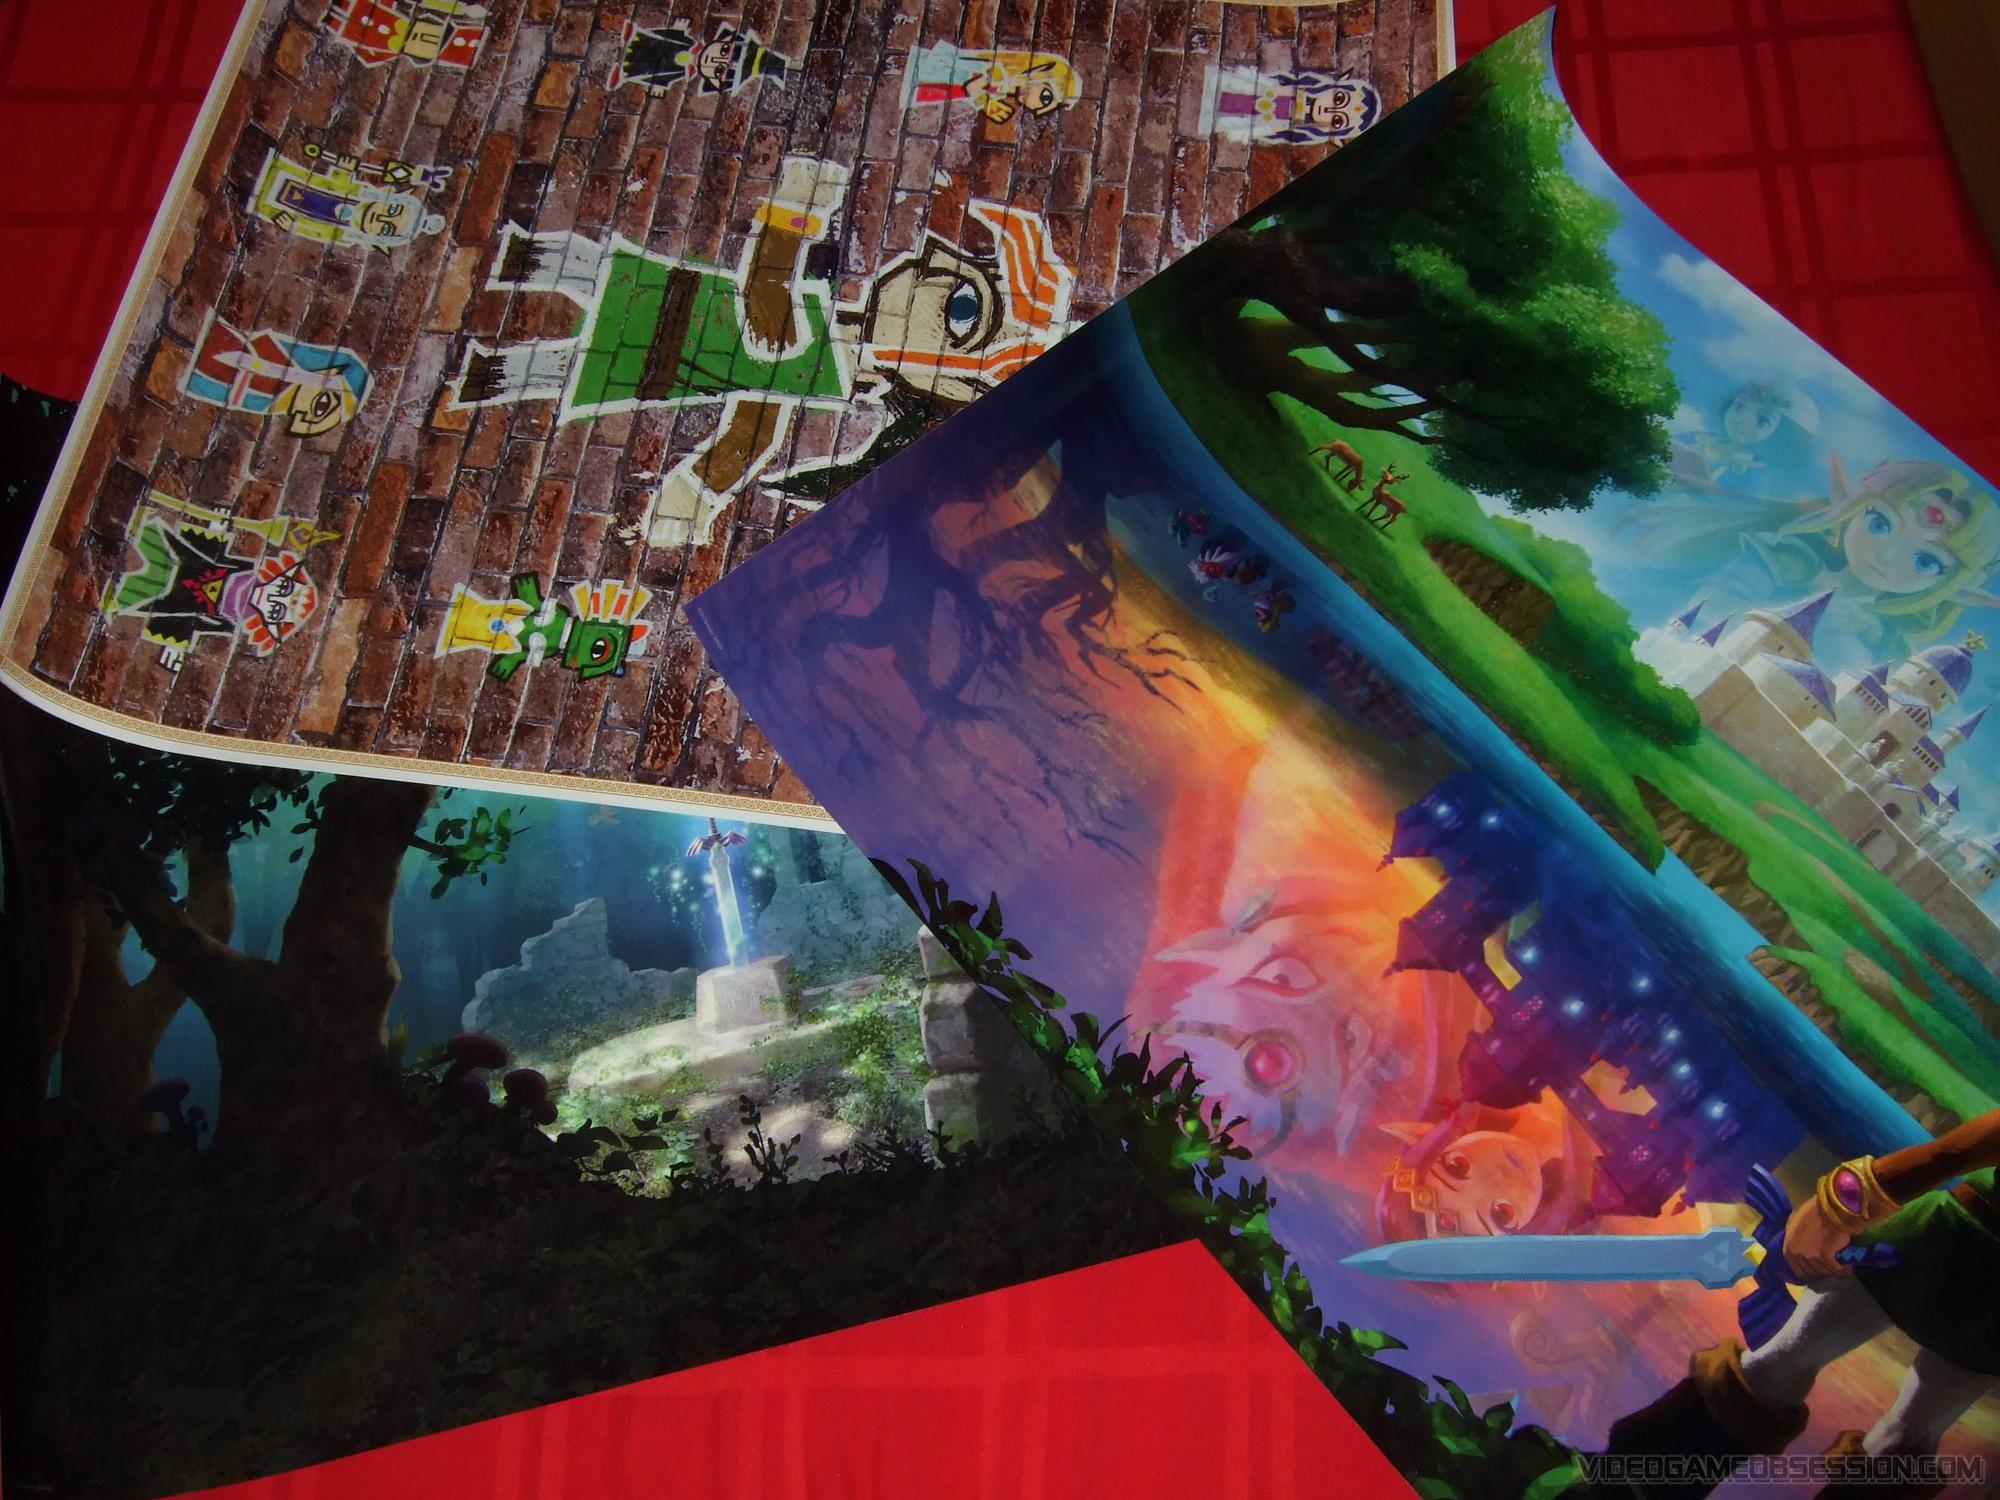 Club Nintendo Zelda A Link Between Worlds Poster Set  includes 3 22    A Link Between Worlds Poster